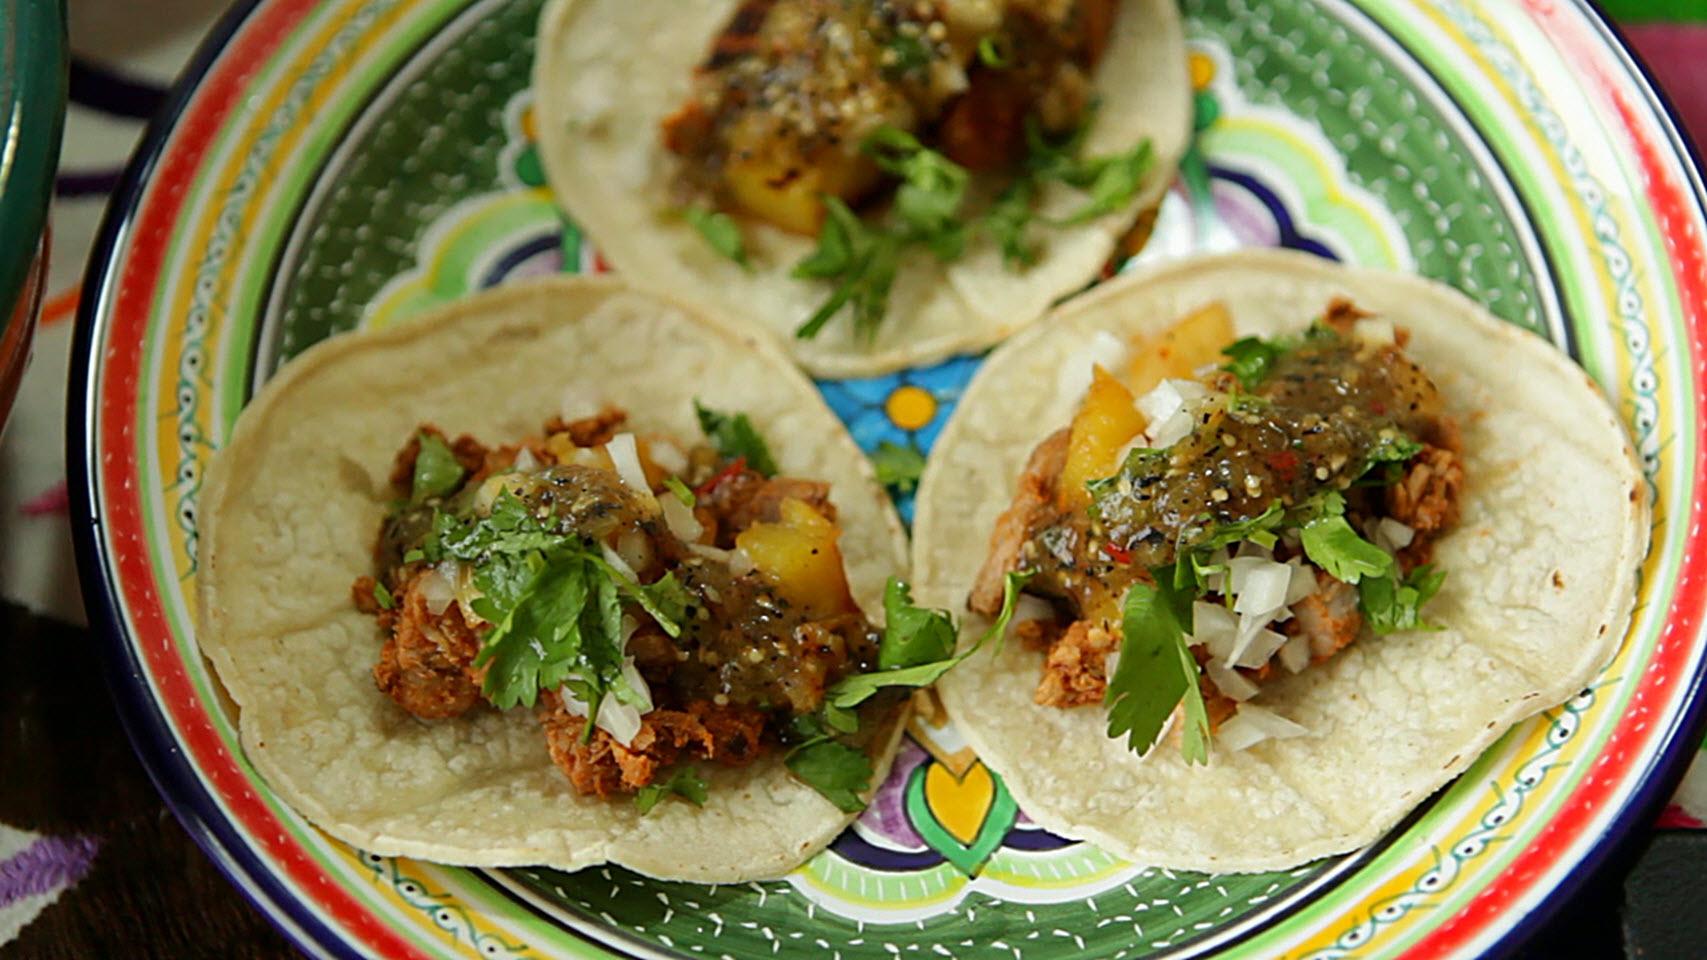 Authentic Tacos al Pastor